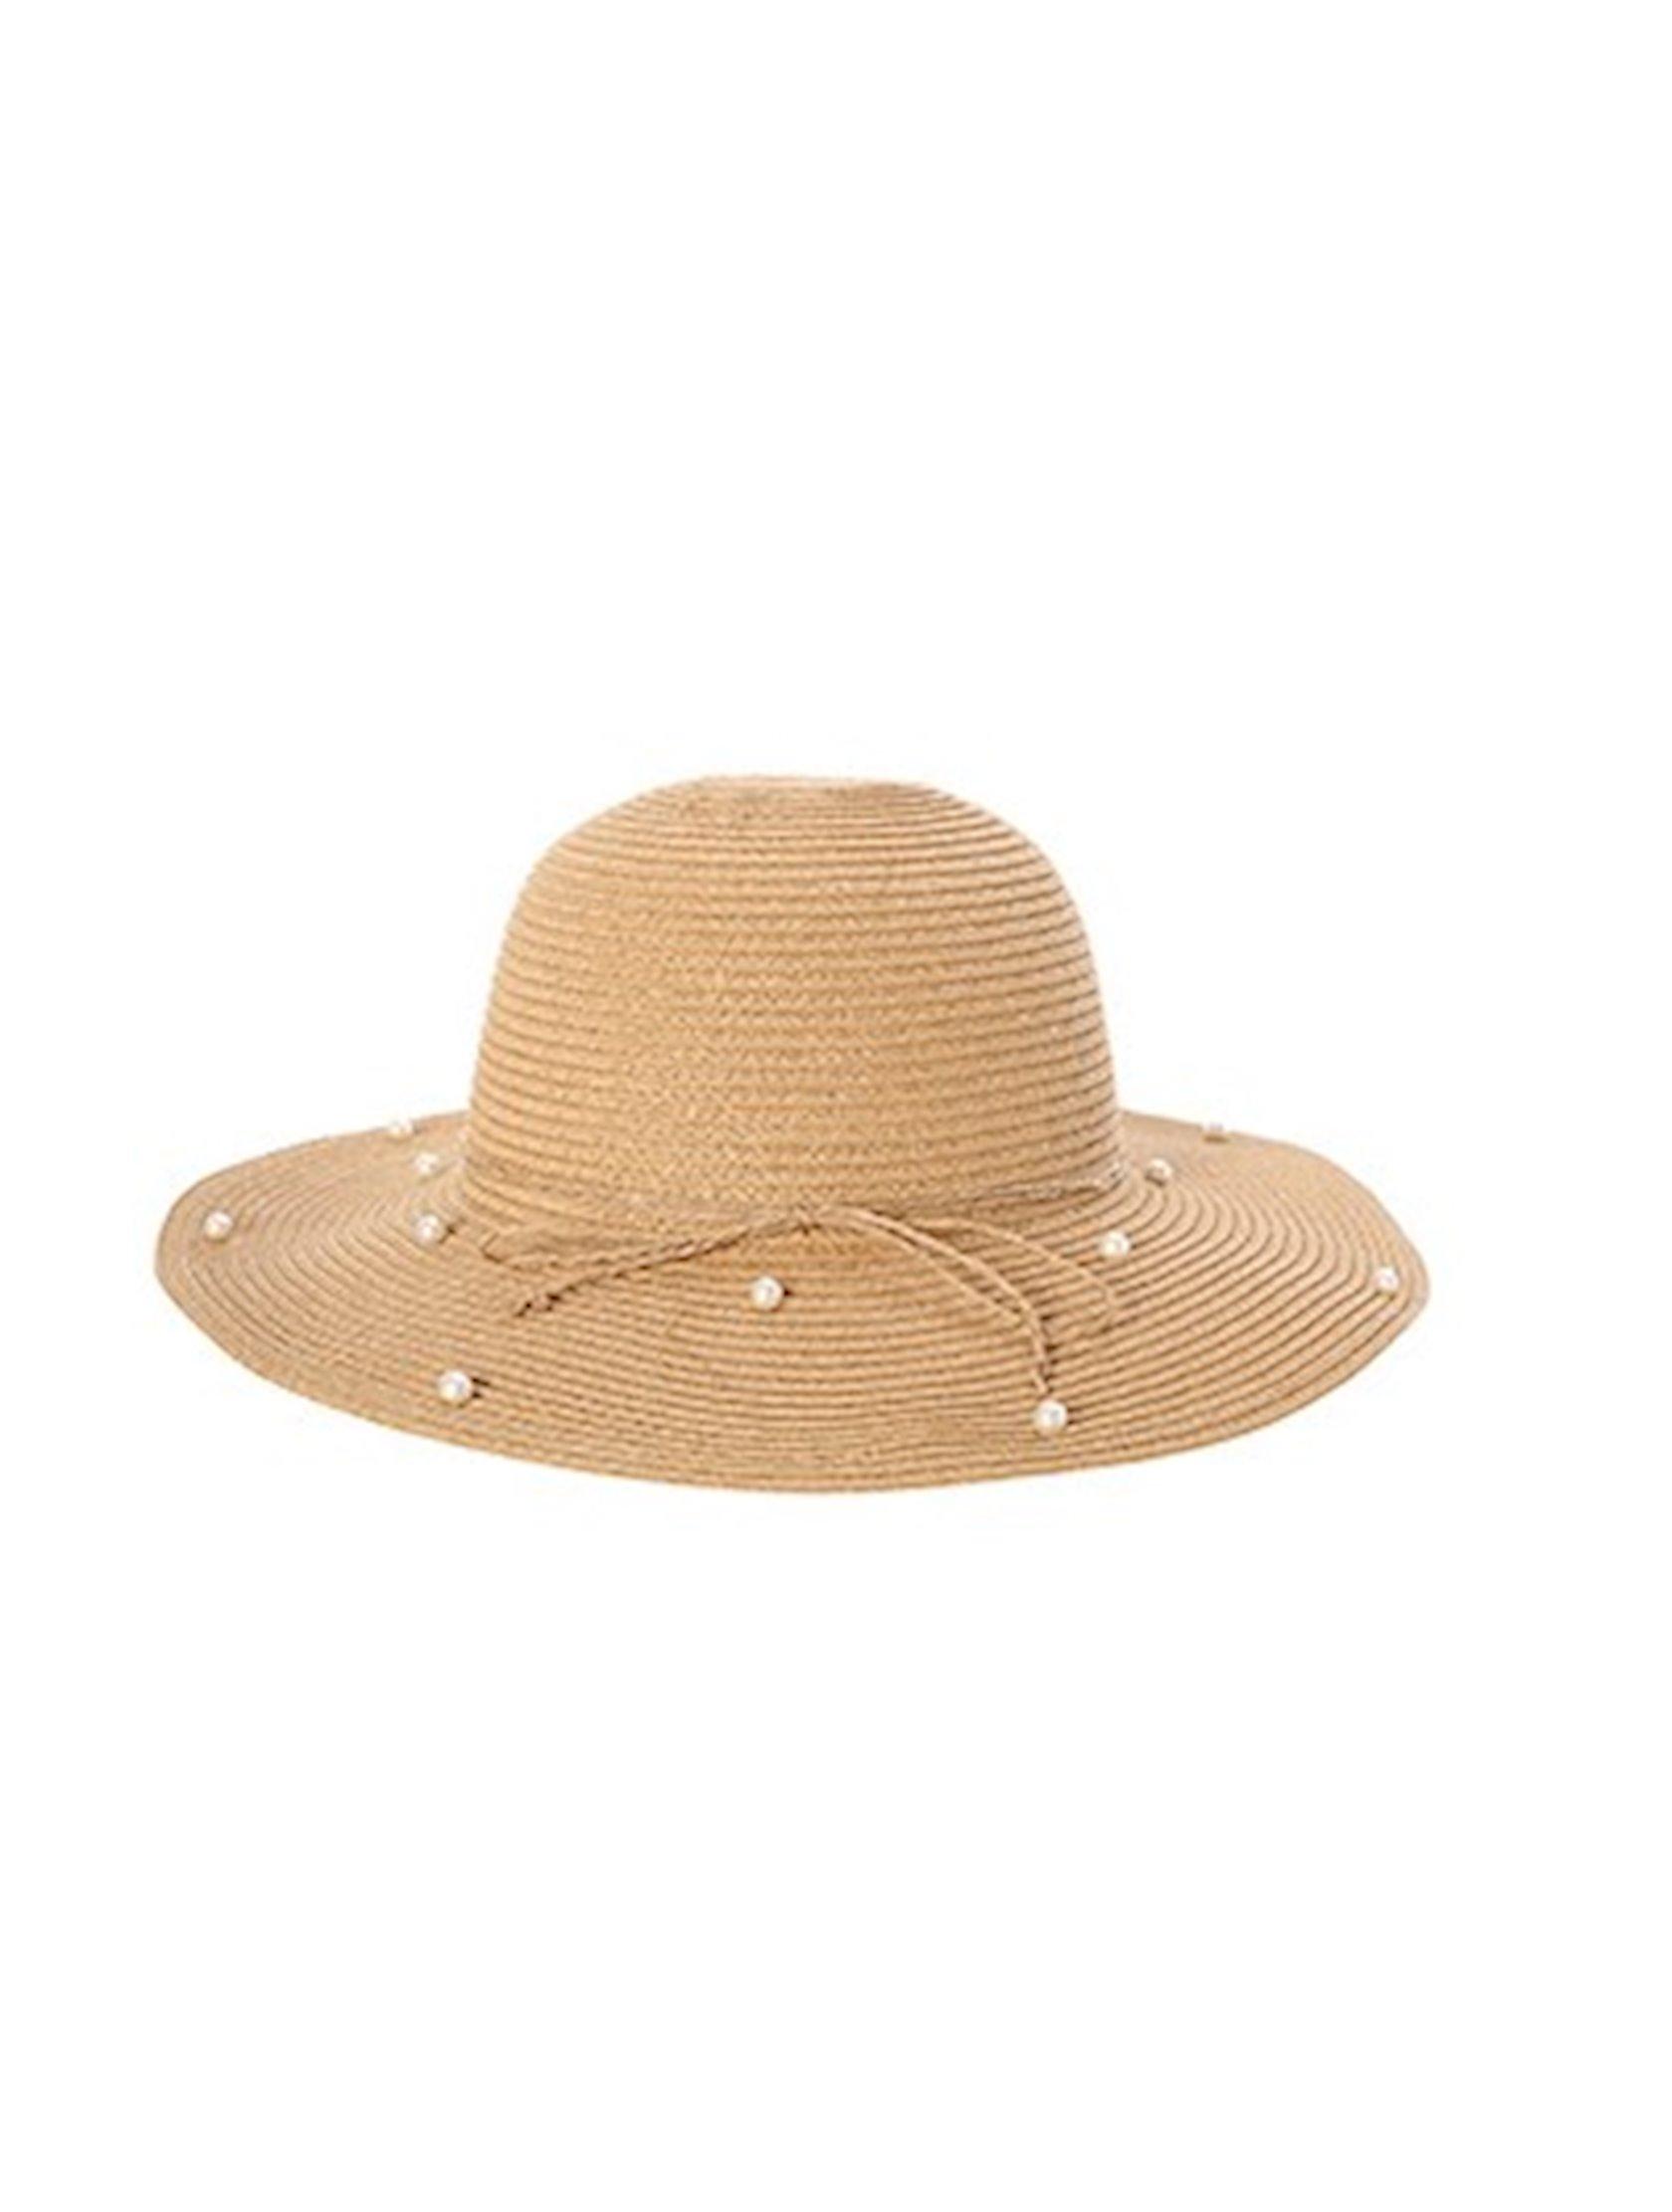 Qadınlar üçün şlyapa Miniso Solid Color Straw Hat with Pearls, çeşiddə